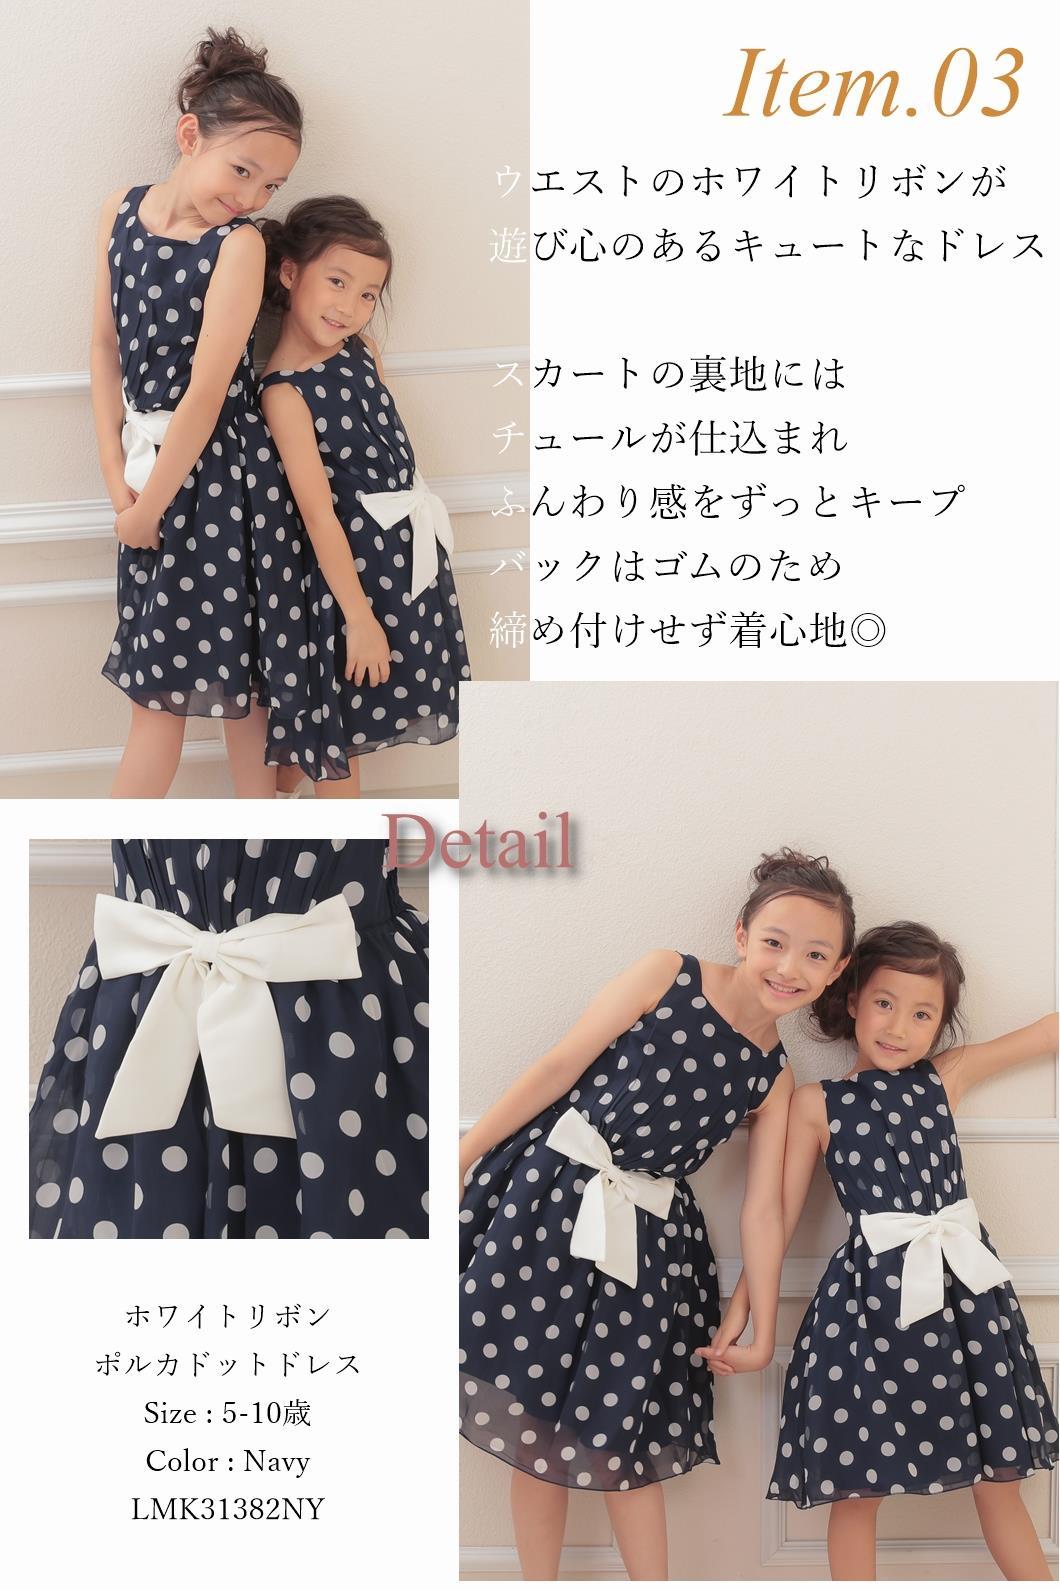 姉妹コーデもおすすめのカジュアルなドットドレス